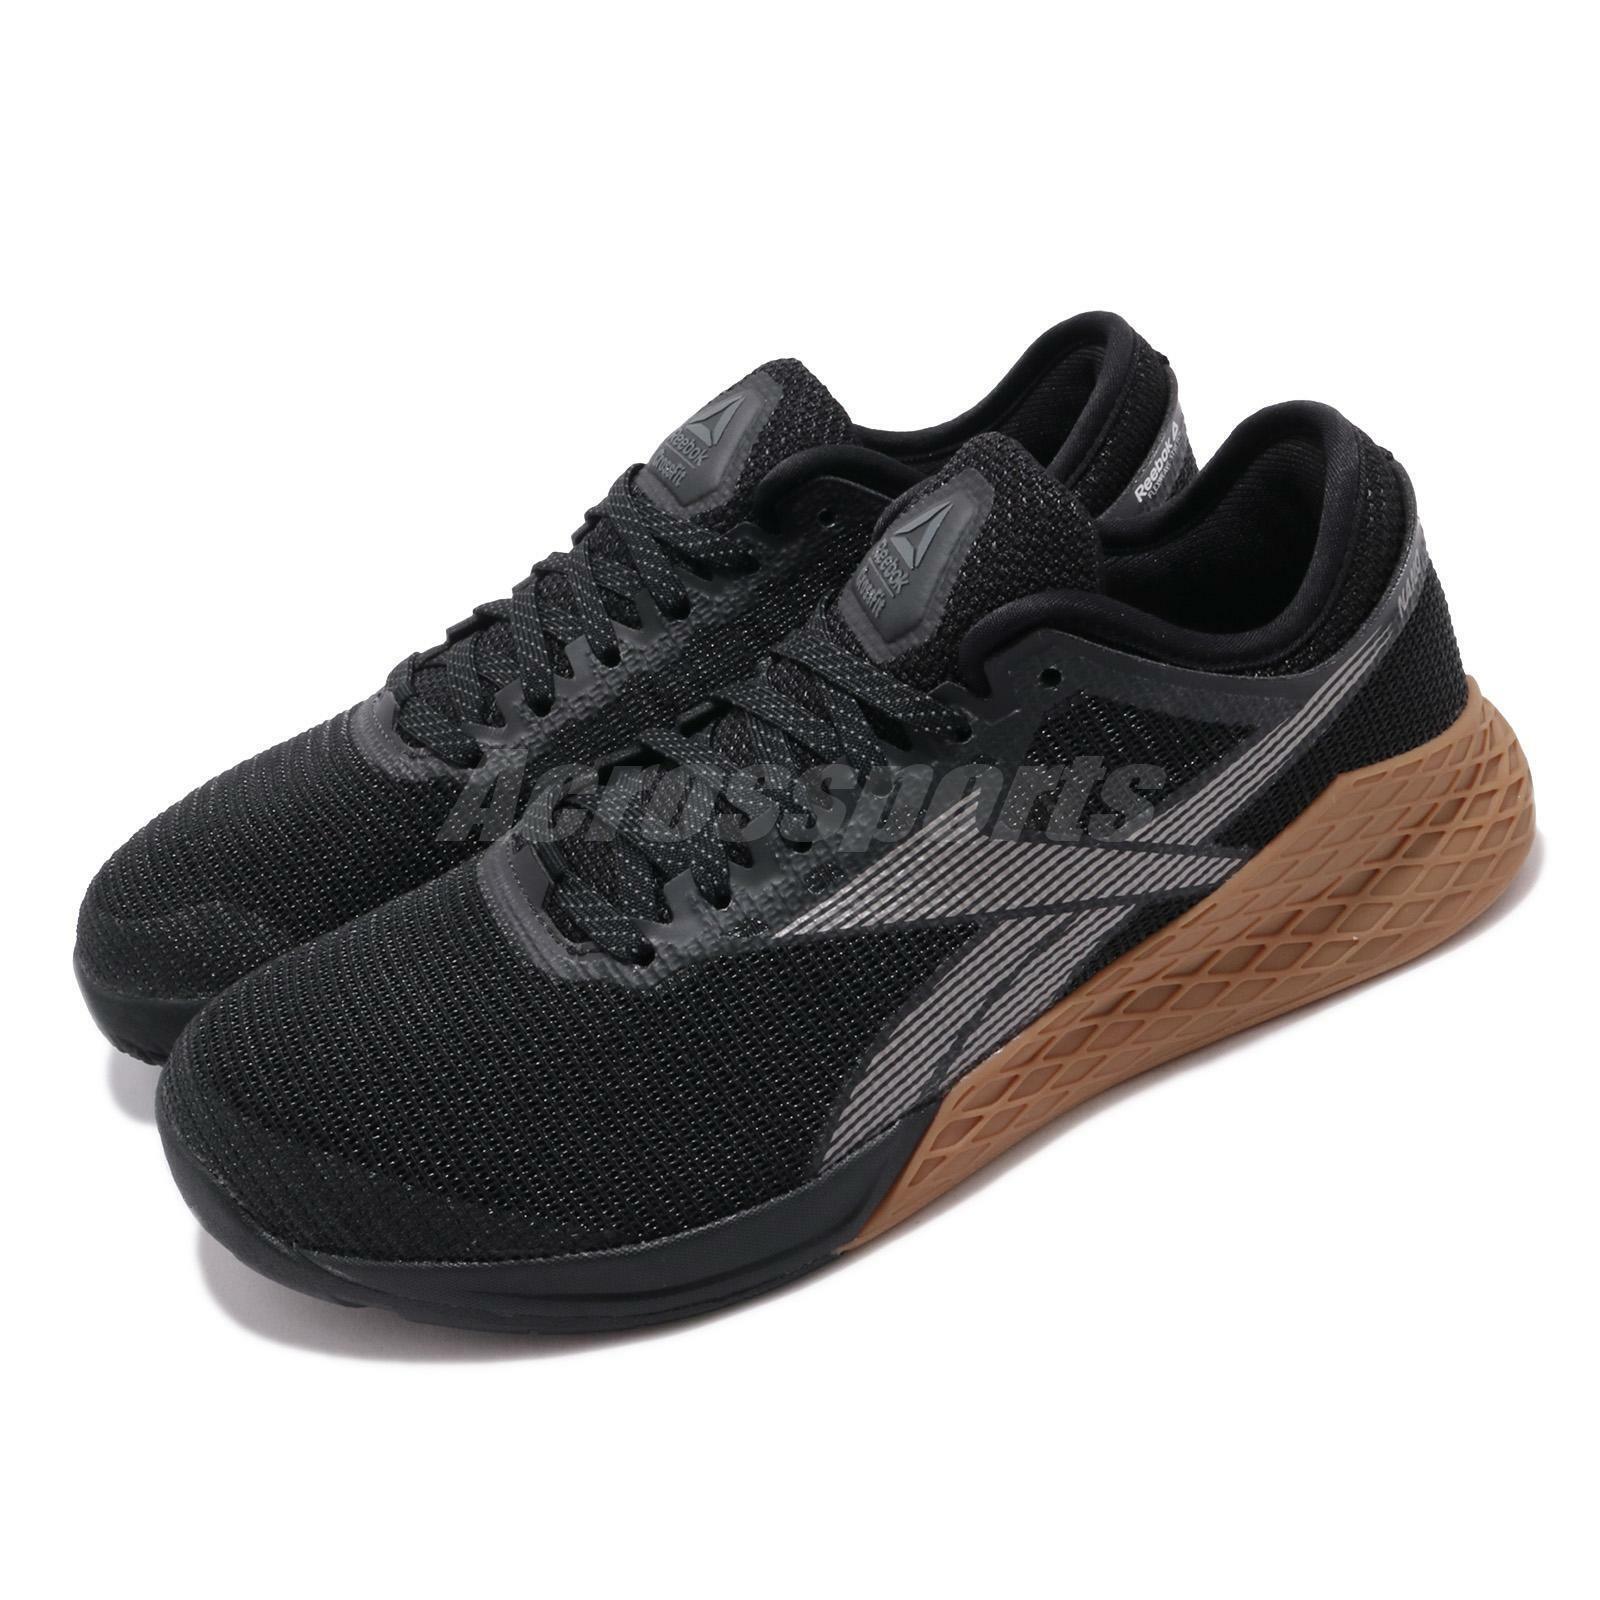 Reebok Nano 9 Negro gris Goma De MasCoche Hombres Crossfit Entrenamiento Gimnasio Zapatos Zapatillas EG4422